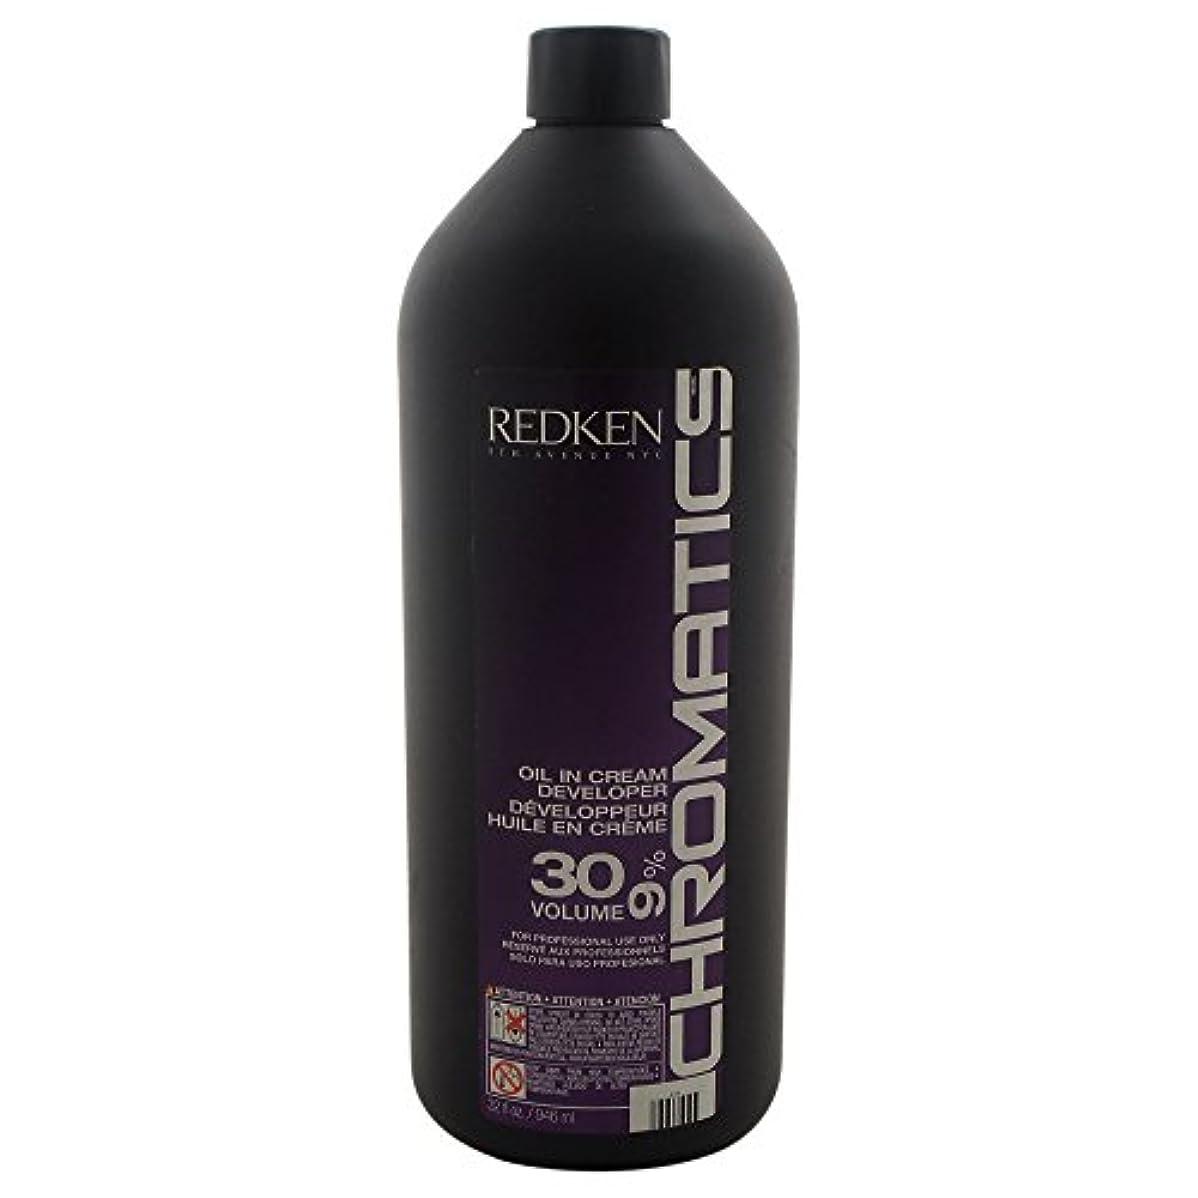 Redken Chromatics Oil In Cream Developer 30 Volume 9 Percent Cream, 32 Ounce by Redken